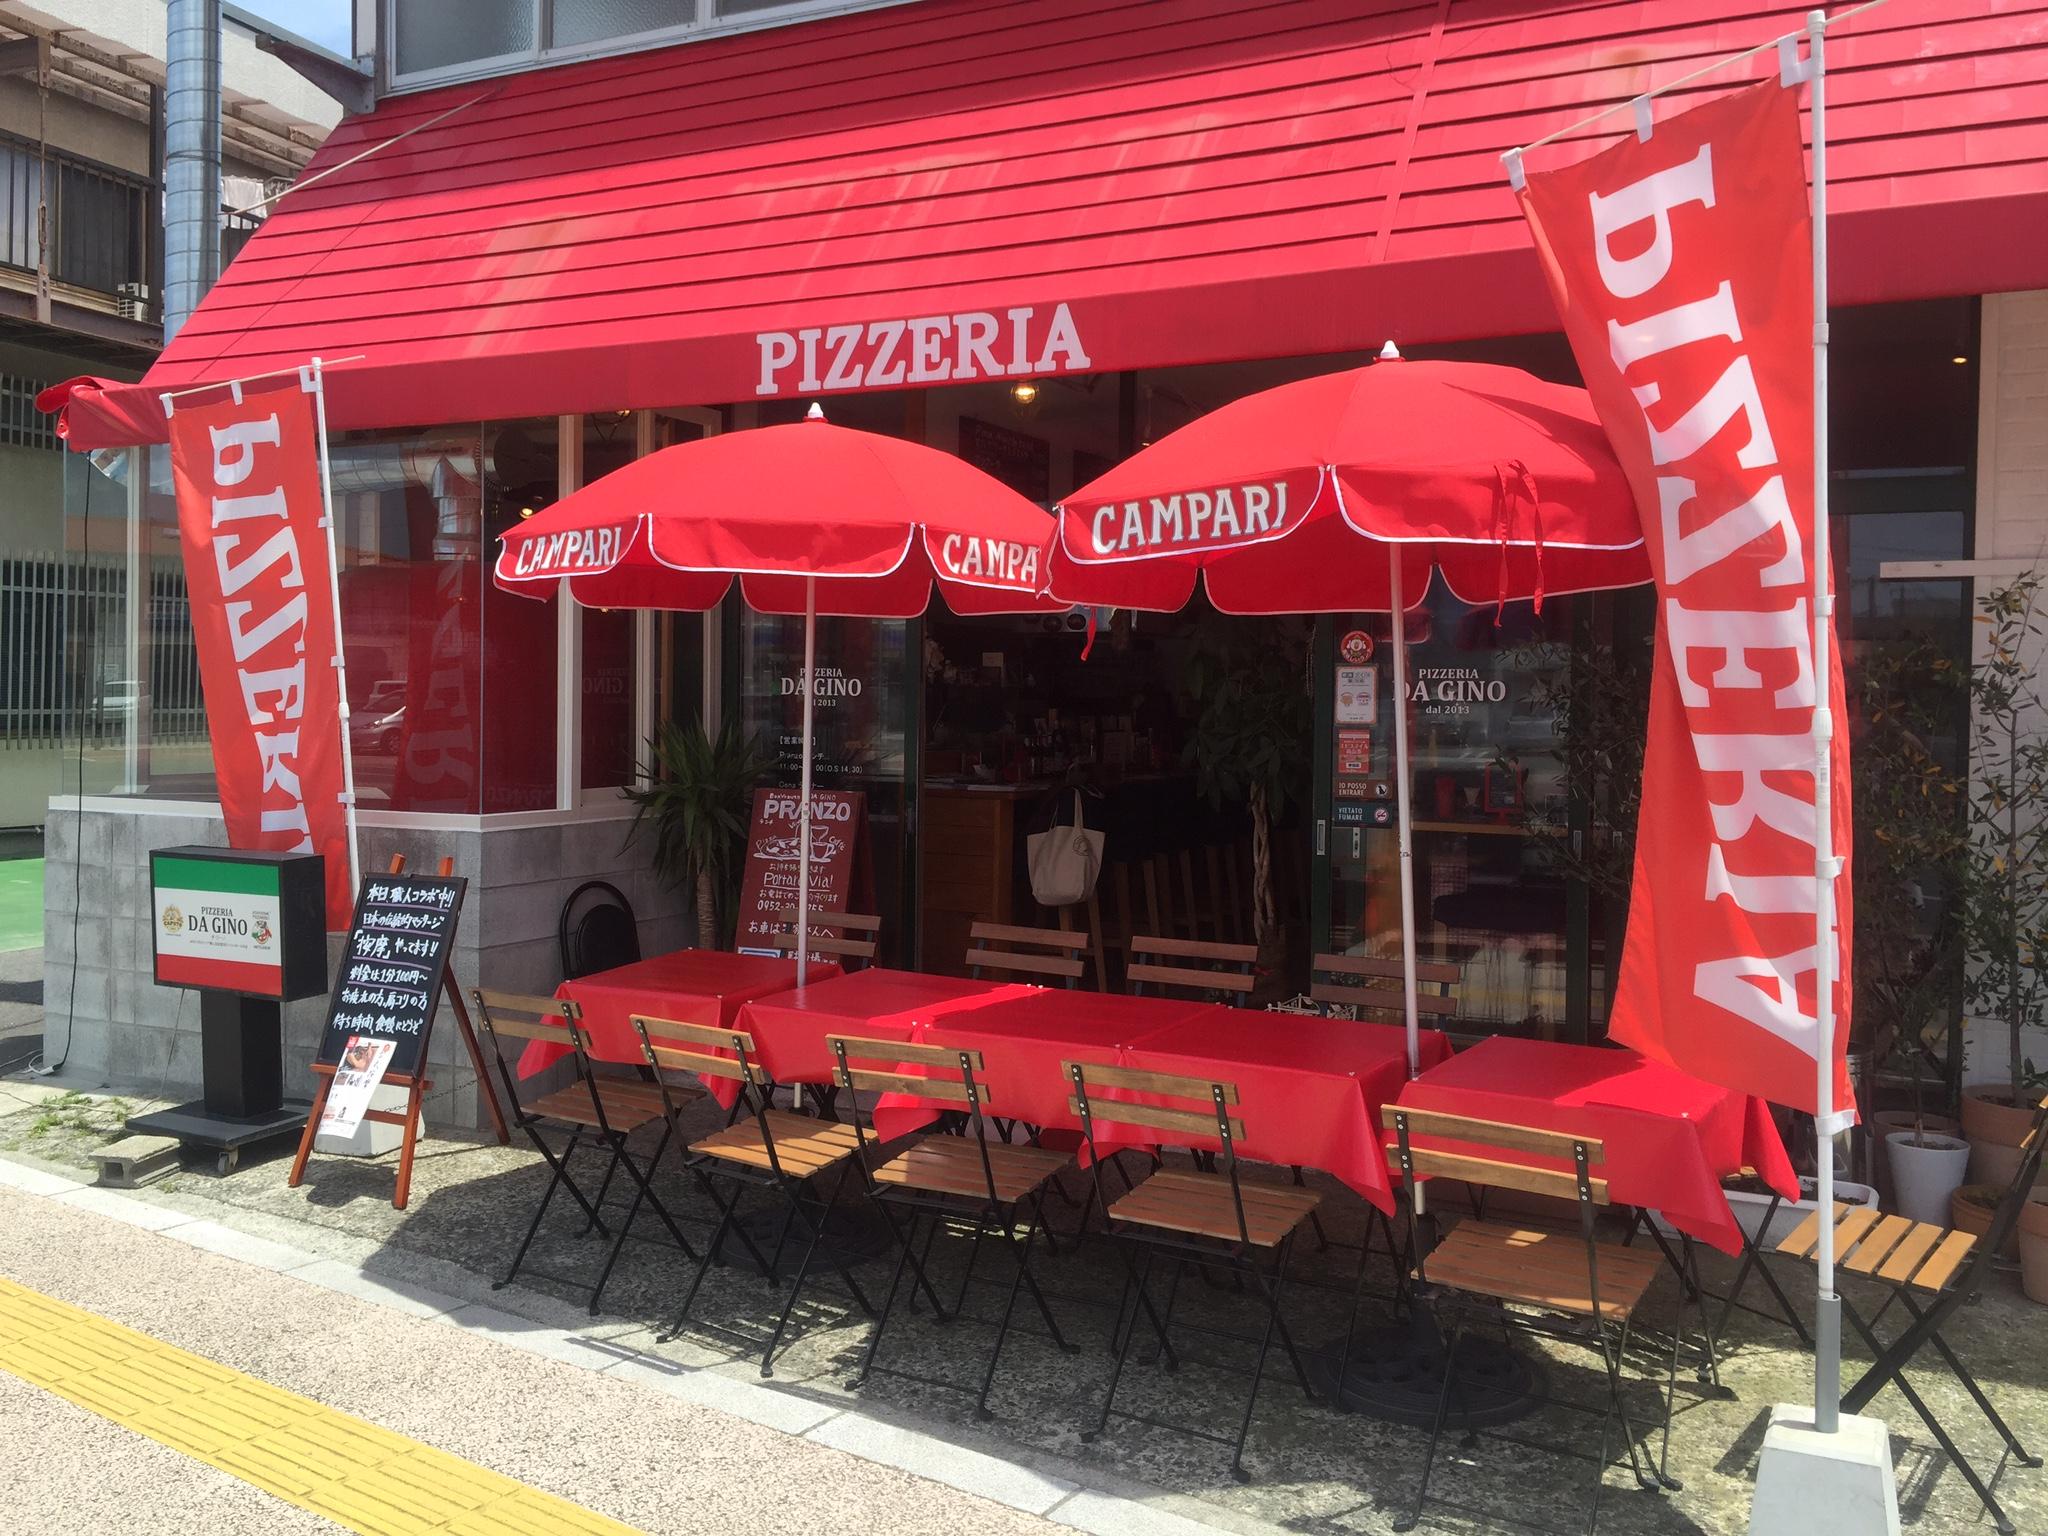 pizzeria gino externo